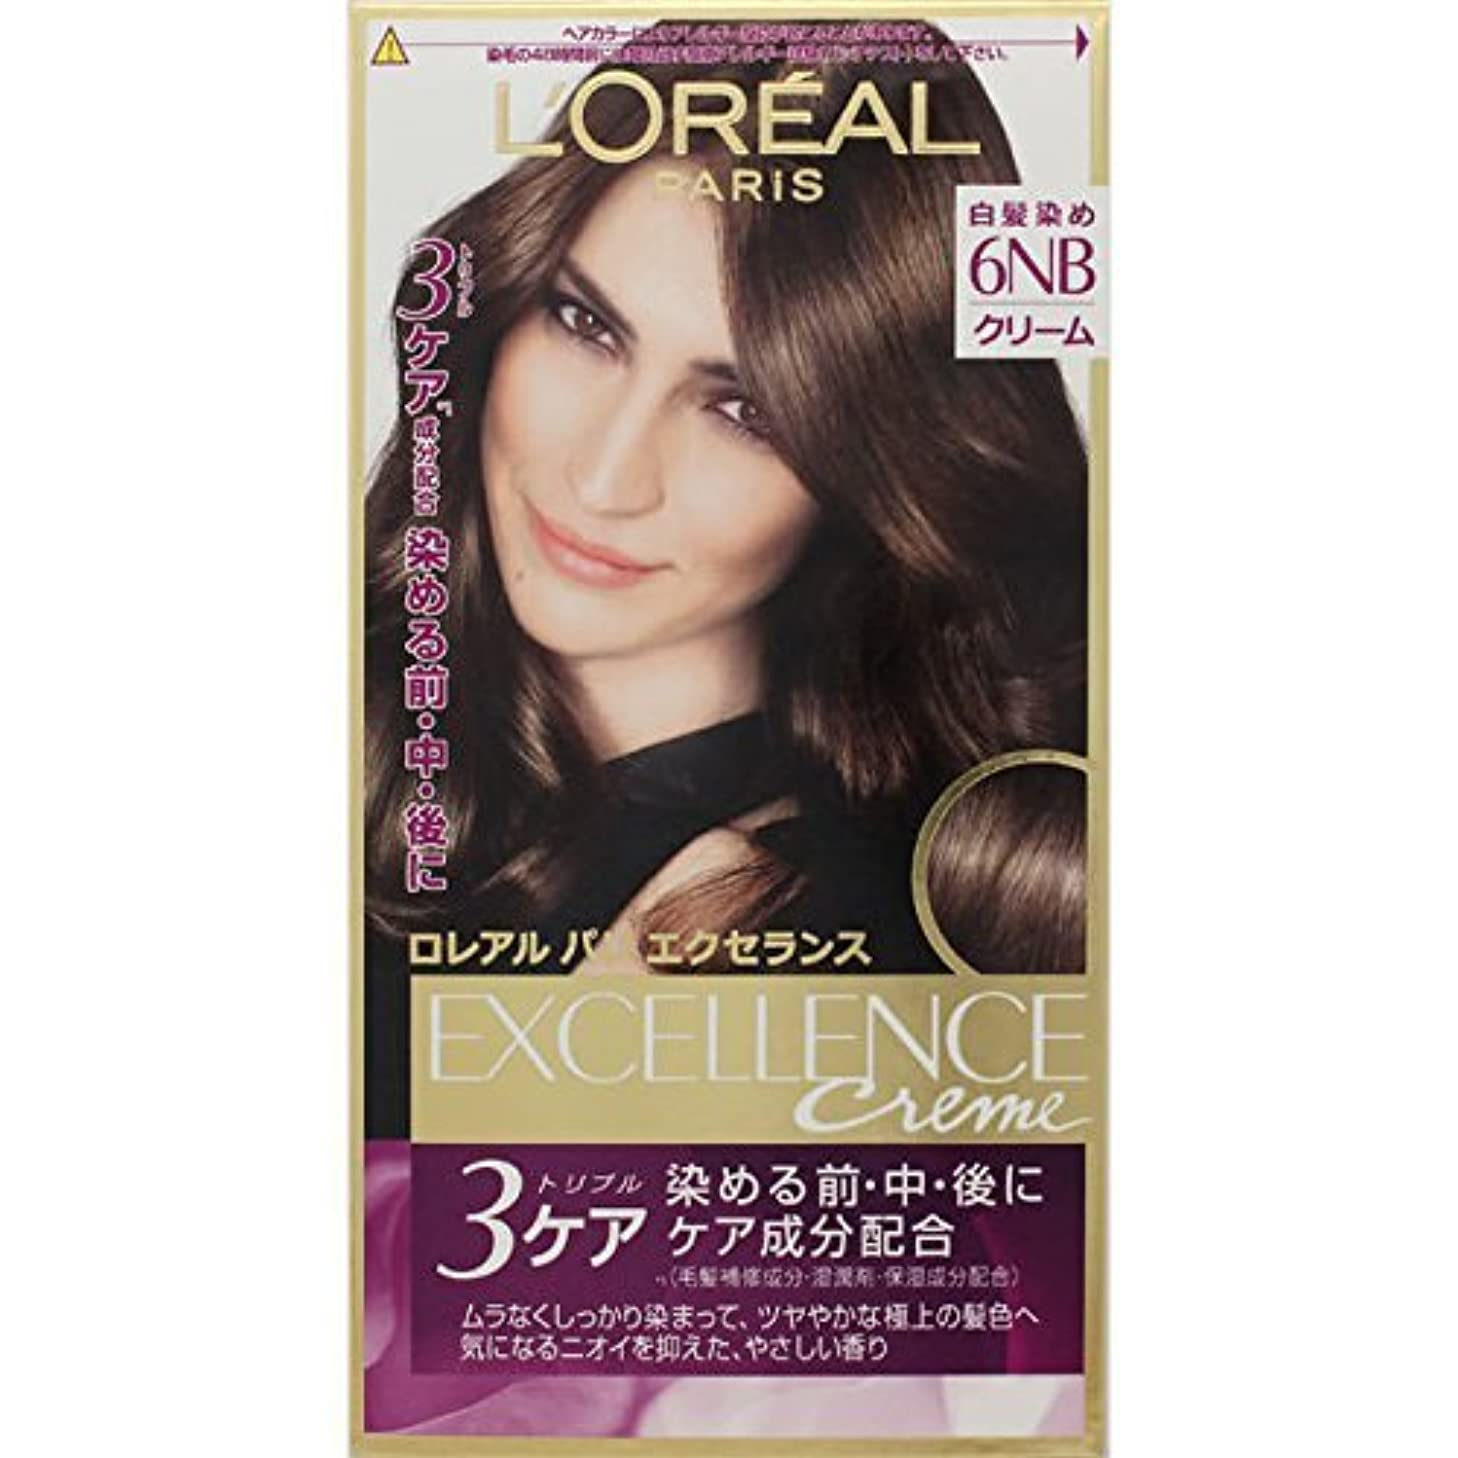 汚れたダイヤモンドフリンジロレアル パリ ヘアカラー 白髪染め エクセランス N クリームタイプ 6NB やや明るい自然な栗色